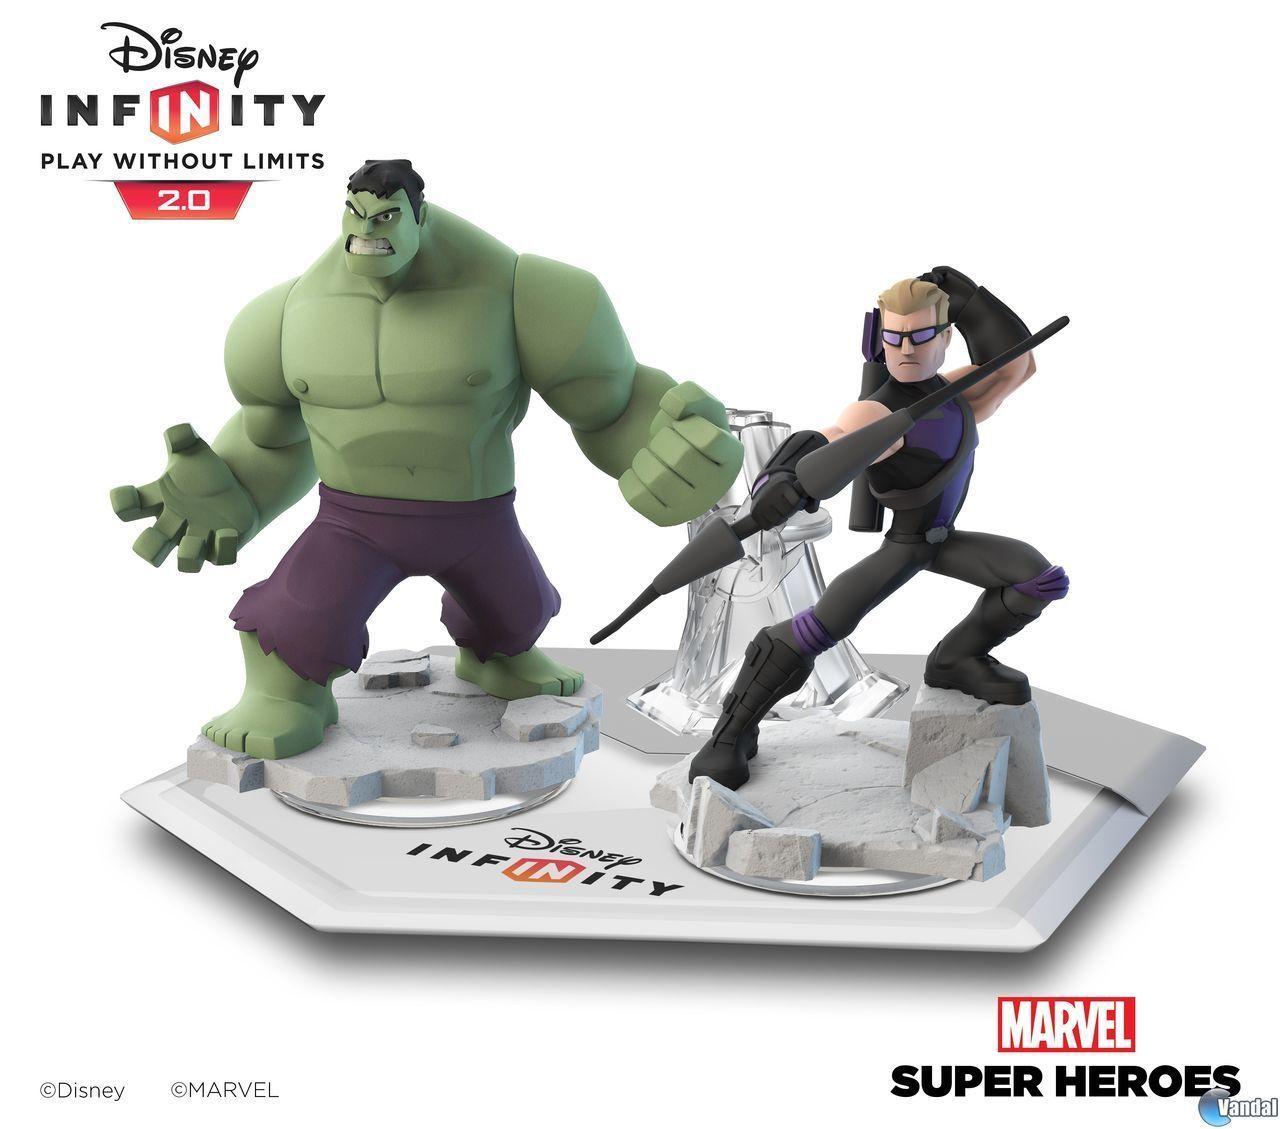 Imagen 14 De Disney Infinity 2 0 Marvel Super Heroes Para Psvita Imagen 14 De Disney Infinity 2 0 Ma Disney Infinity Marvel Superheroes Disney Interactive